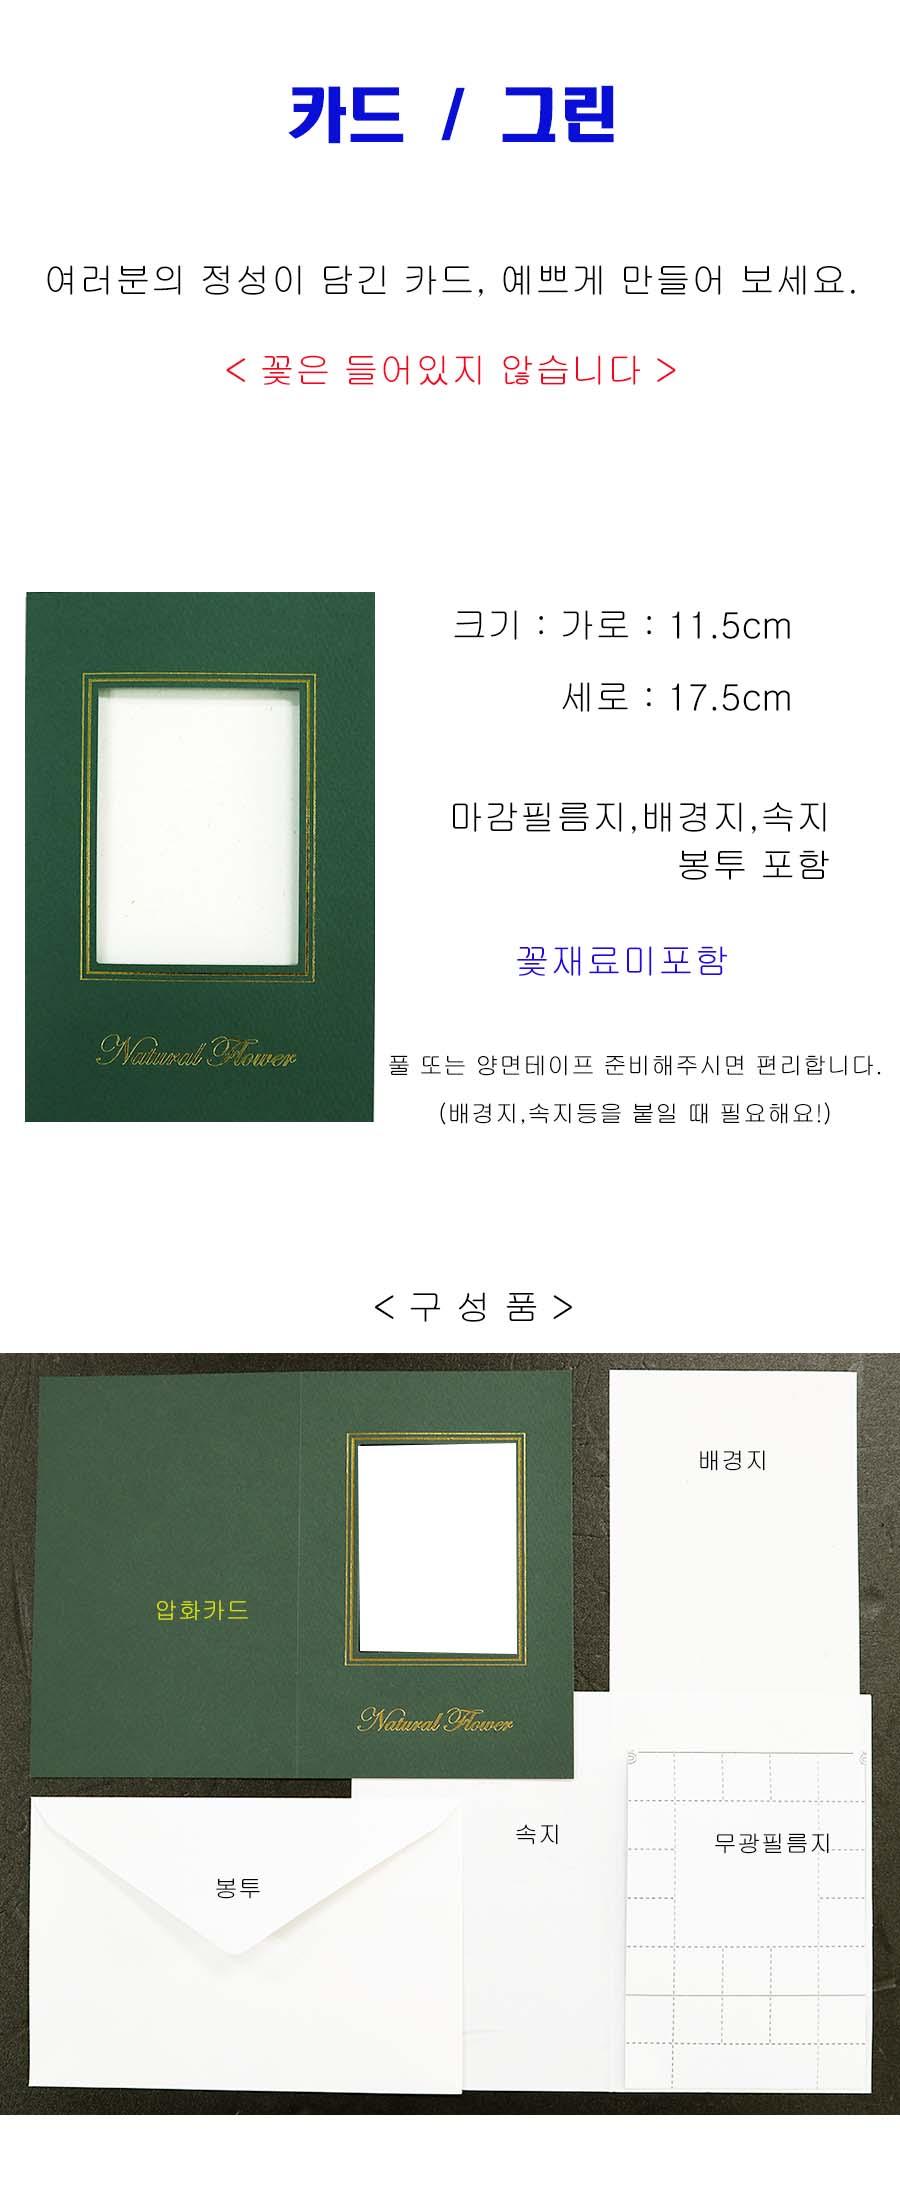 카드 그린 공예재료 - 프레스코21, 760원, 압화 공예, 압화 공예 재료